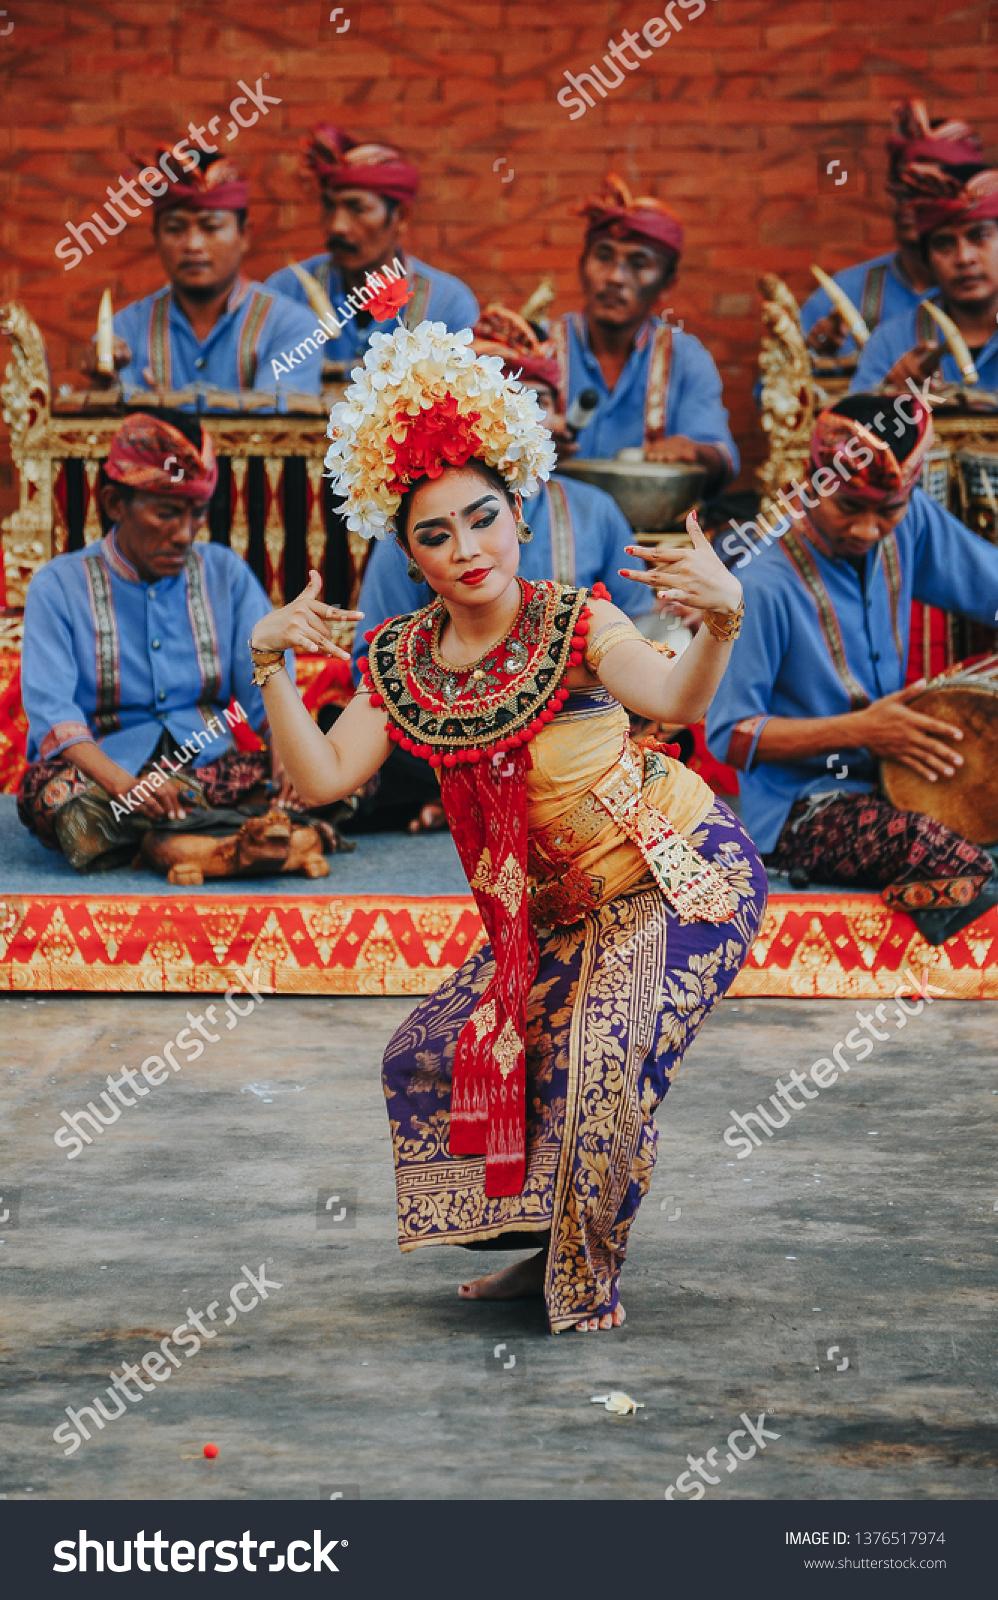 tari barong bali may 18 2017 people stock image 1376517974 https www shutterstock com image photo tari barong bali may 18 2017 1376517974